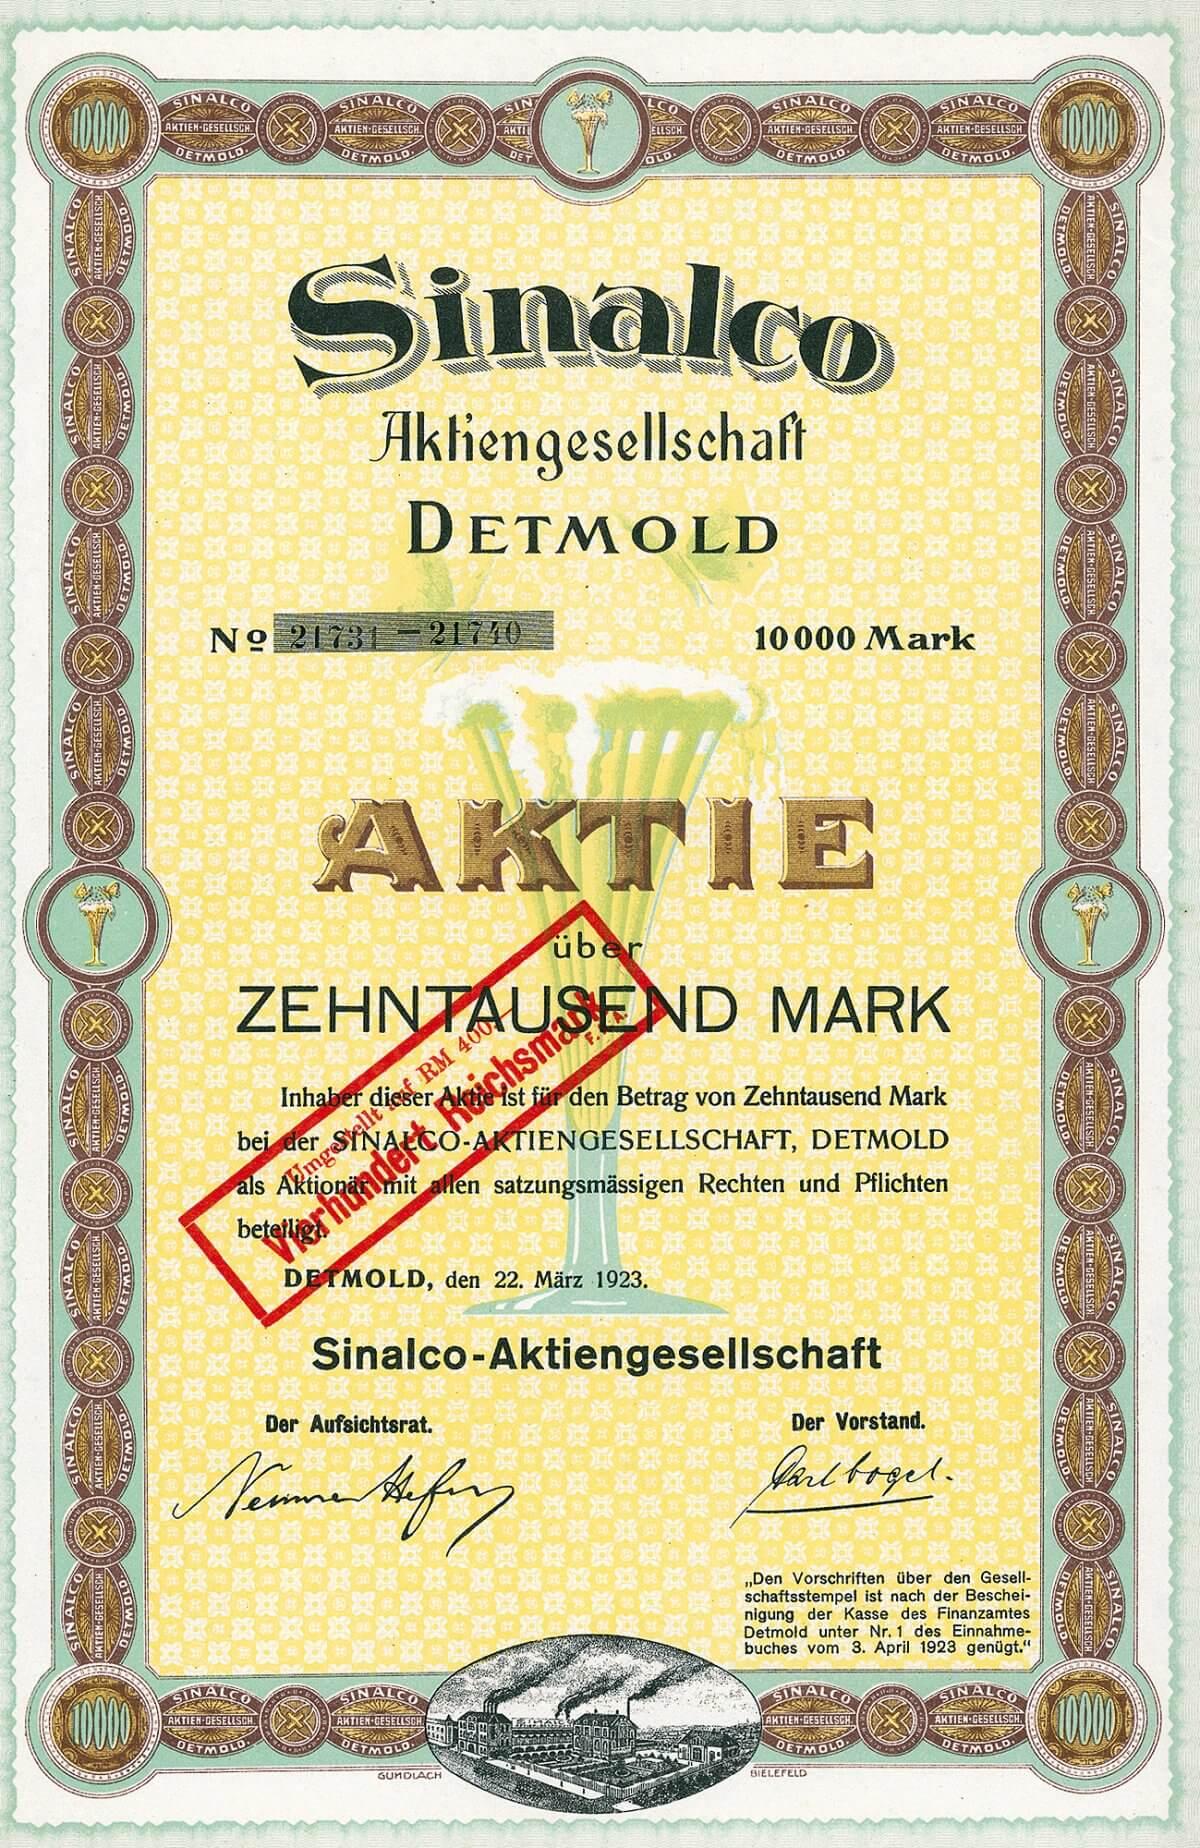 Sinalco-AG, Detmold, Aktie über 10.000 Mark von 1923. Herrliche, farbenfrohe Gestaltung mit dem schäumenden Erfrischungsgetränk und zwei Schmetterlingen im Unterdruck, Vignette mit Werksansicht.